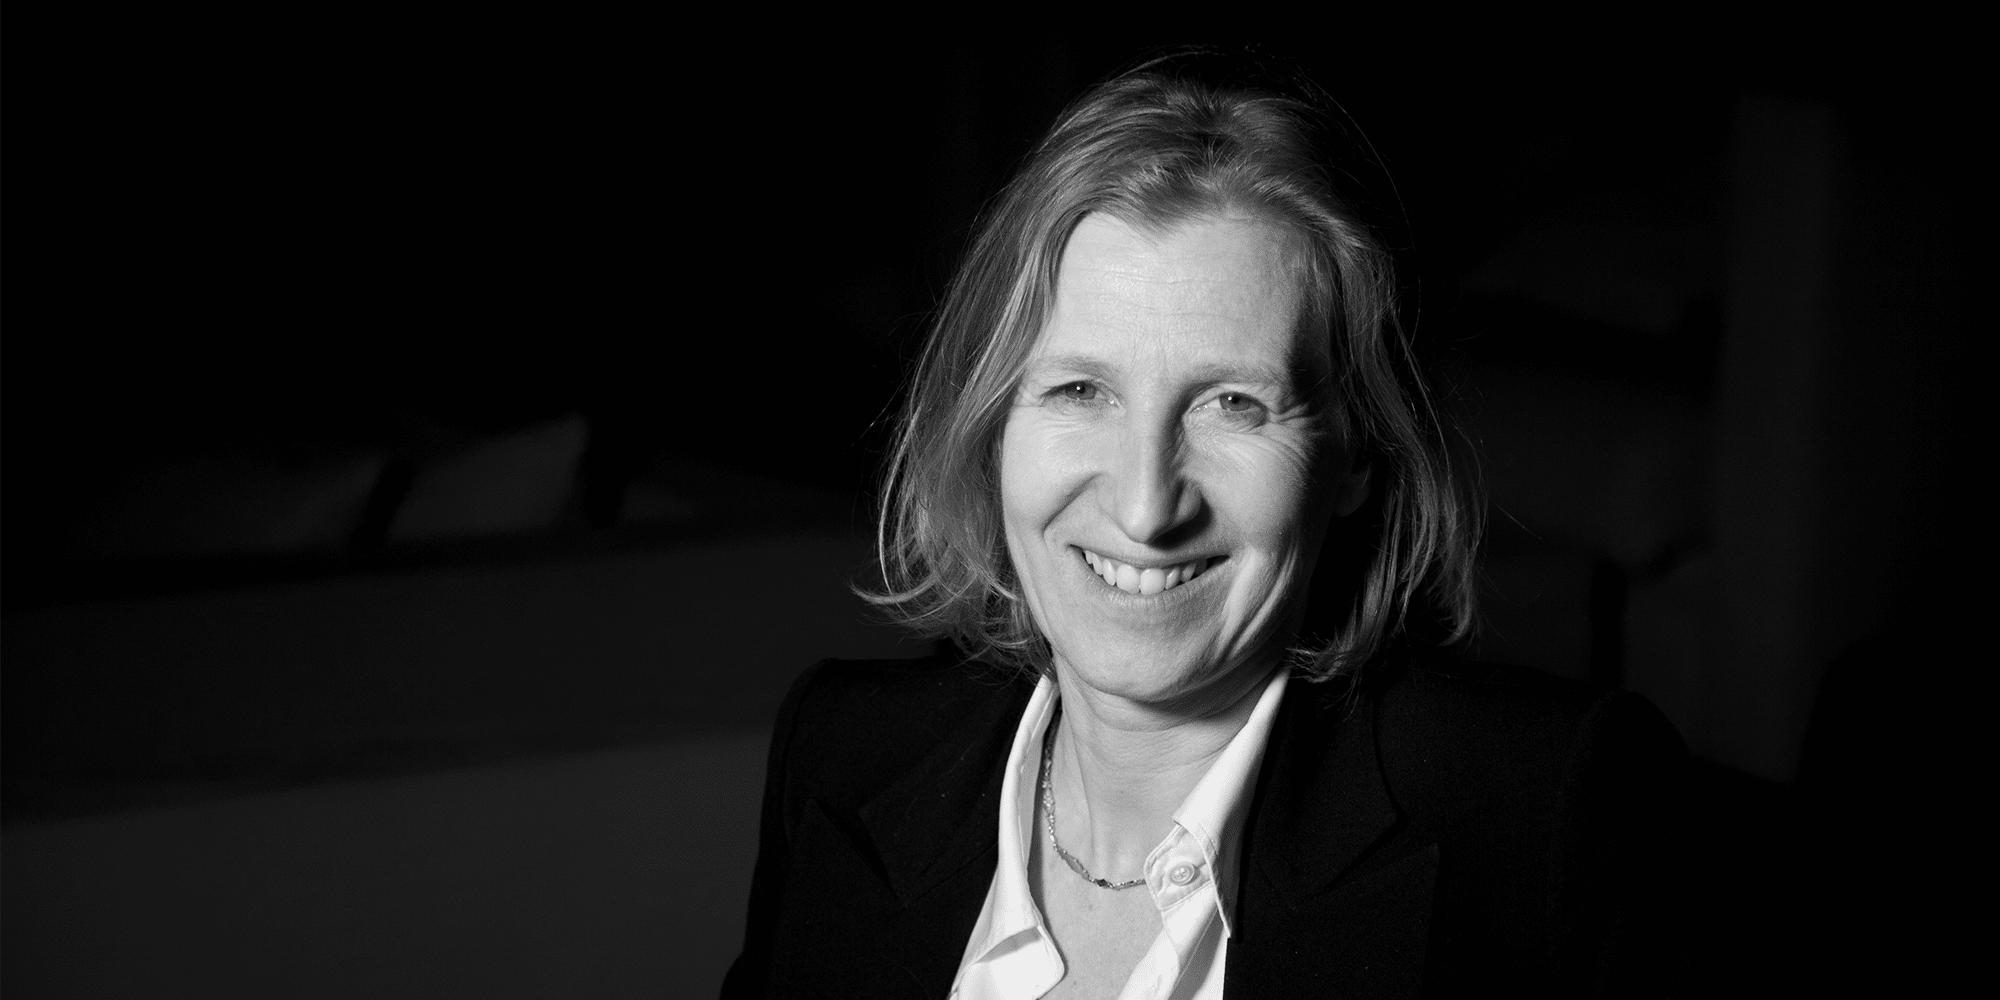 Delphine Beer-Gabel (New Business Director - Klépierre Brand Ventures)